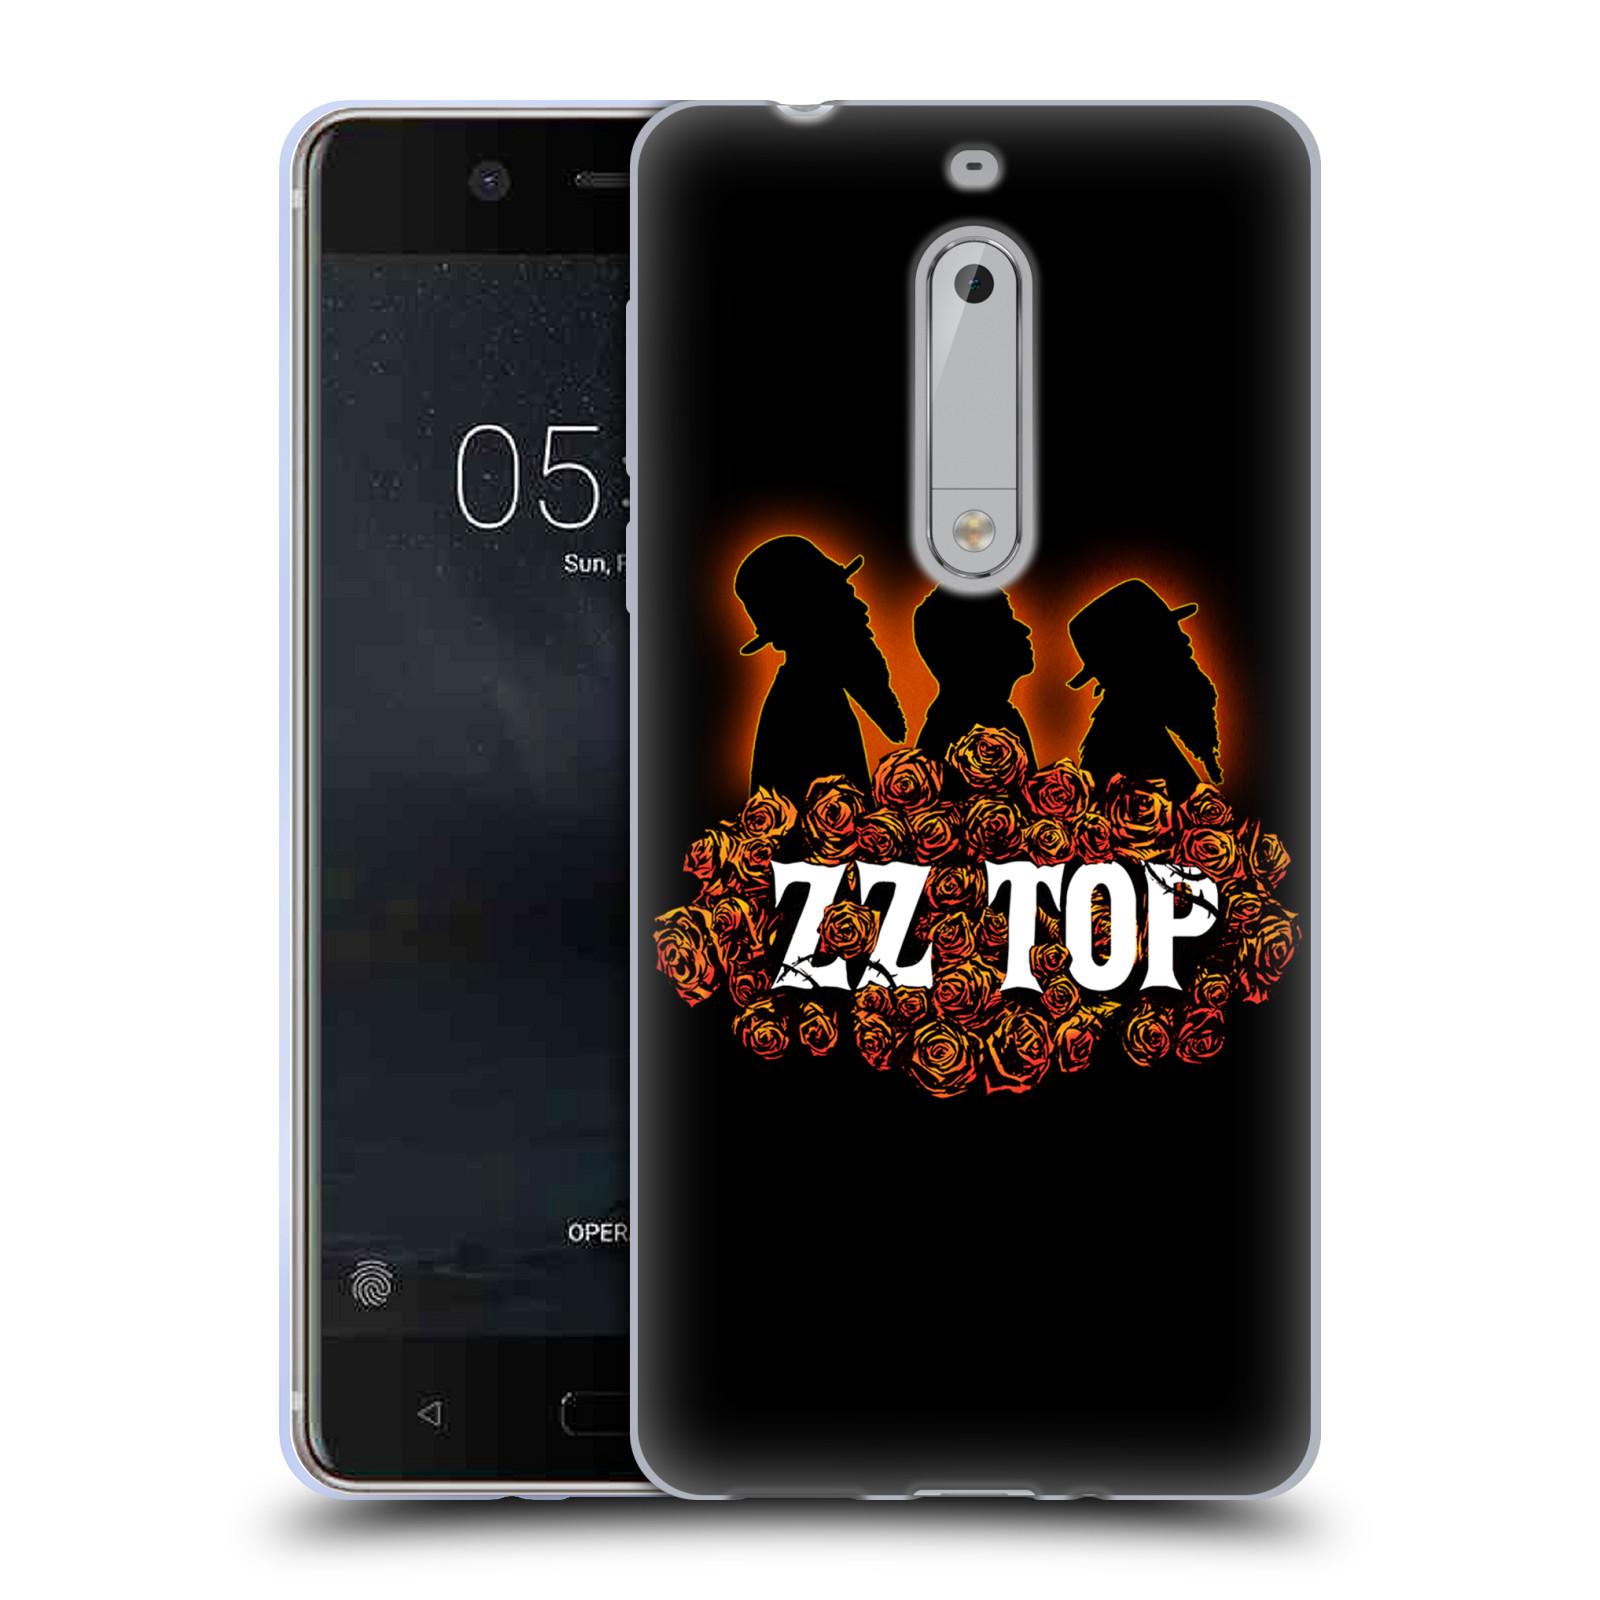 HEAD CASE silikonový obal na mobil Nokia 5 ZZ Top originální obal silueta